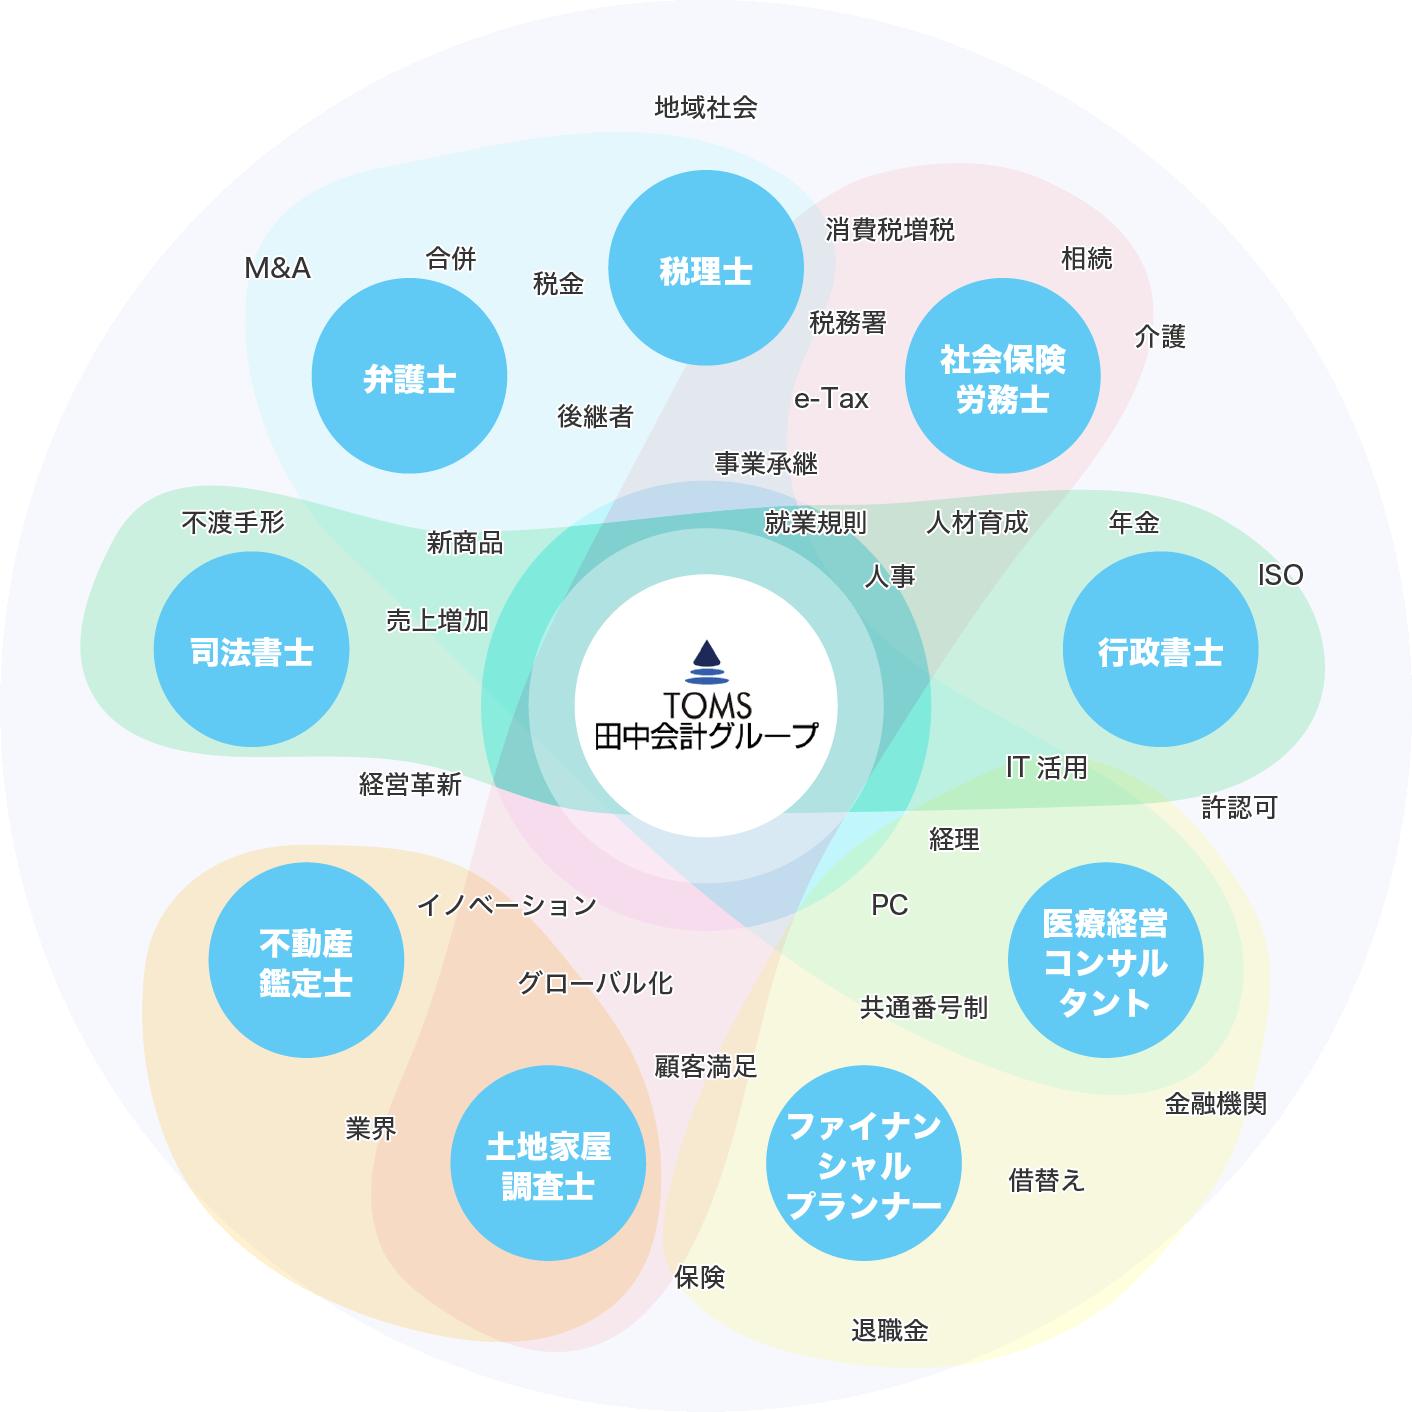 ワンストップ課題解決サービスのイメージ図